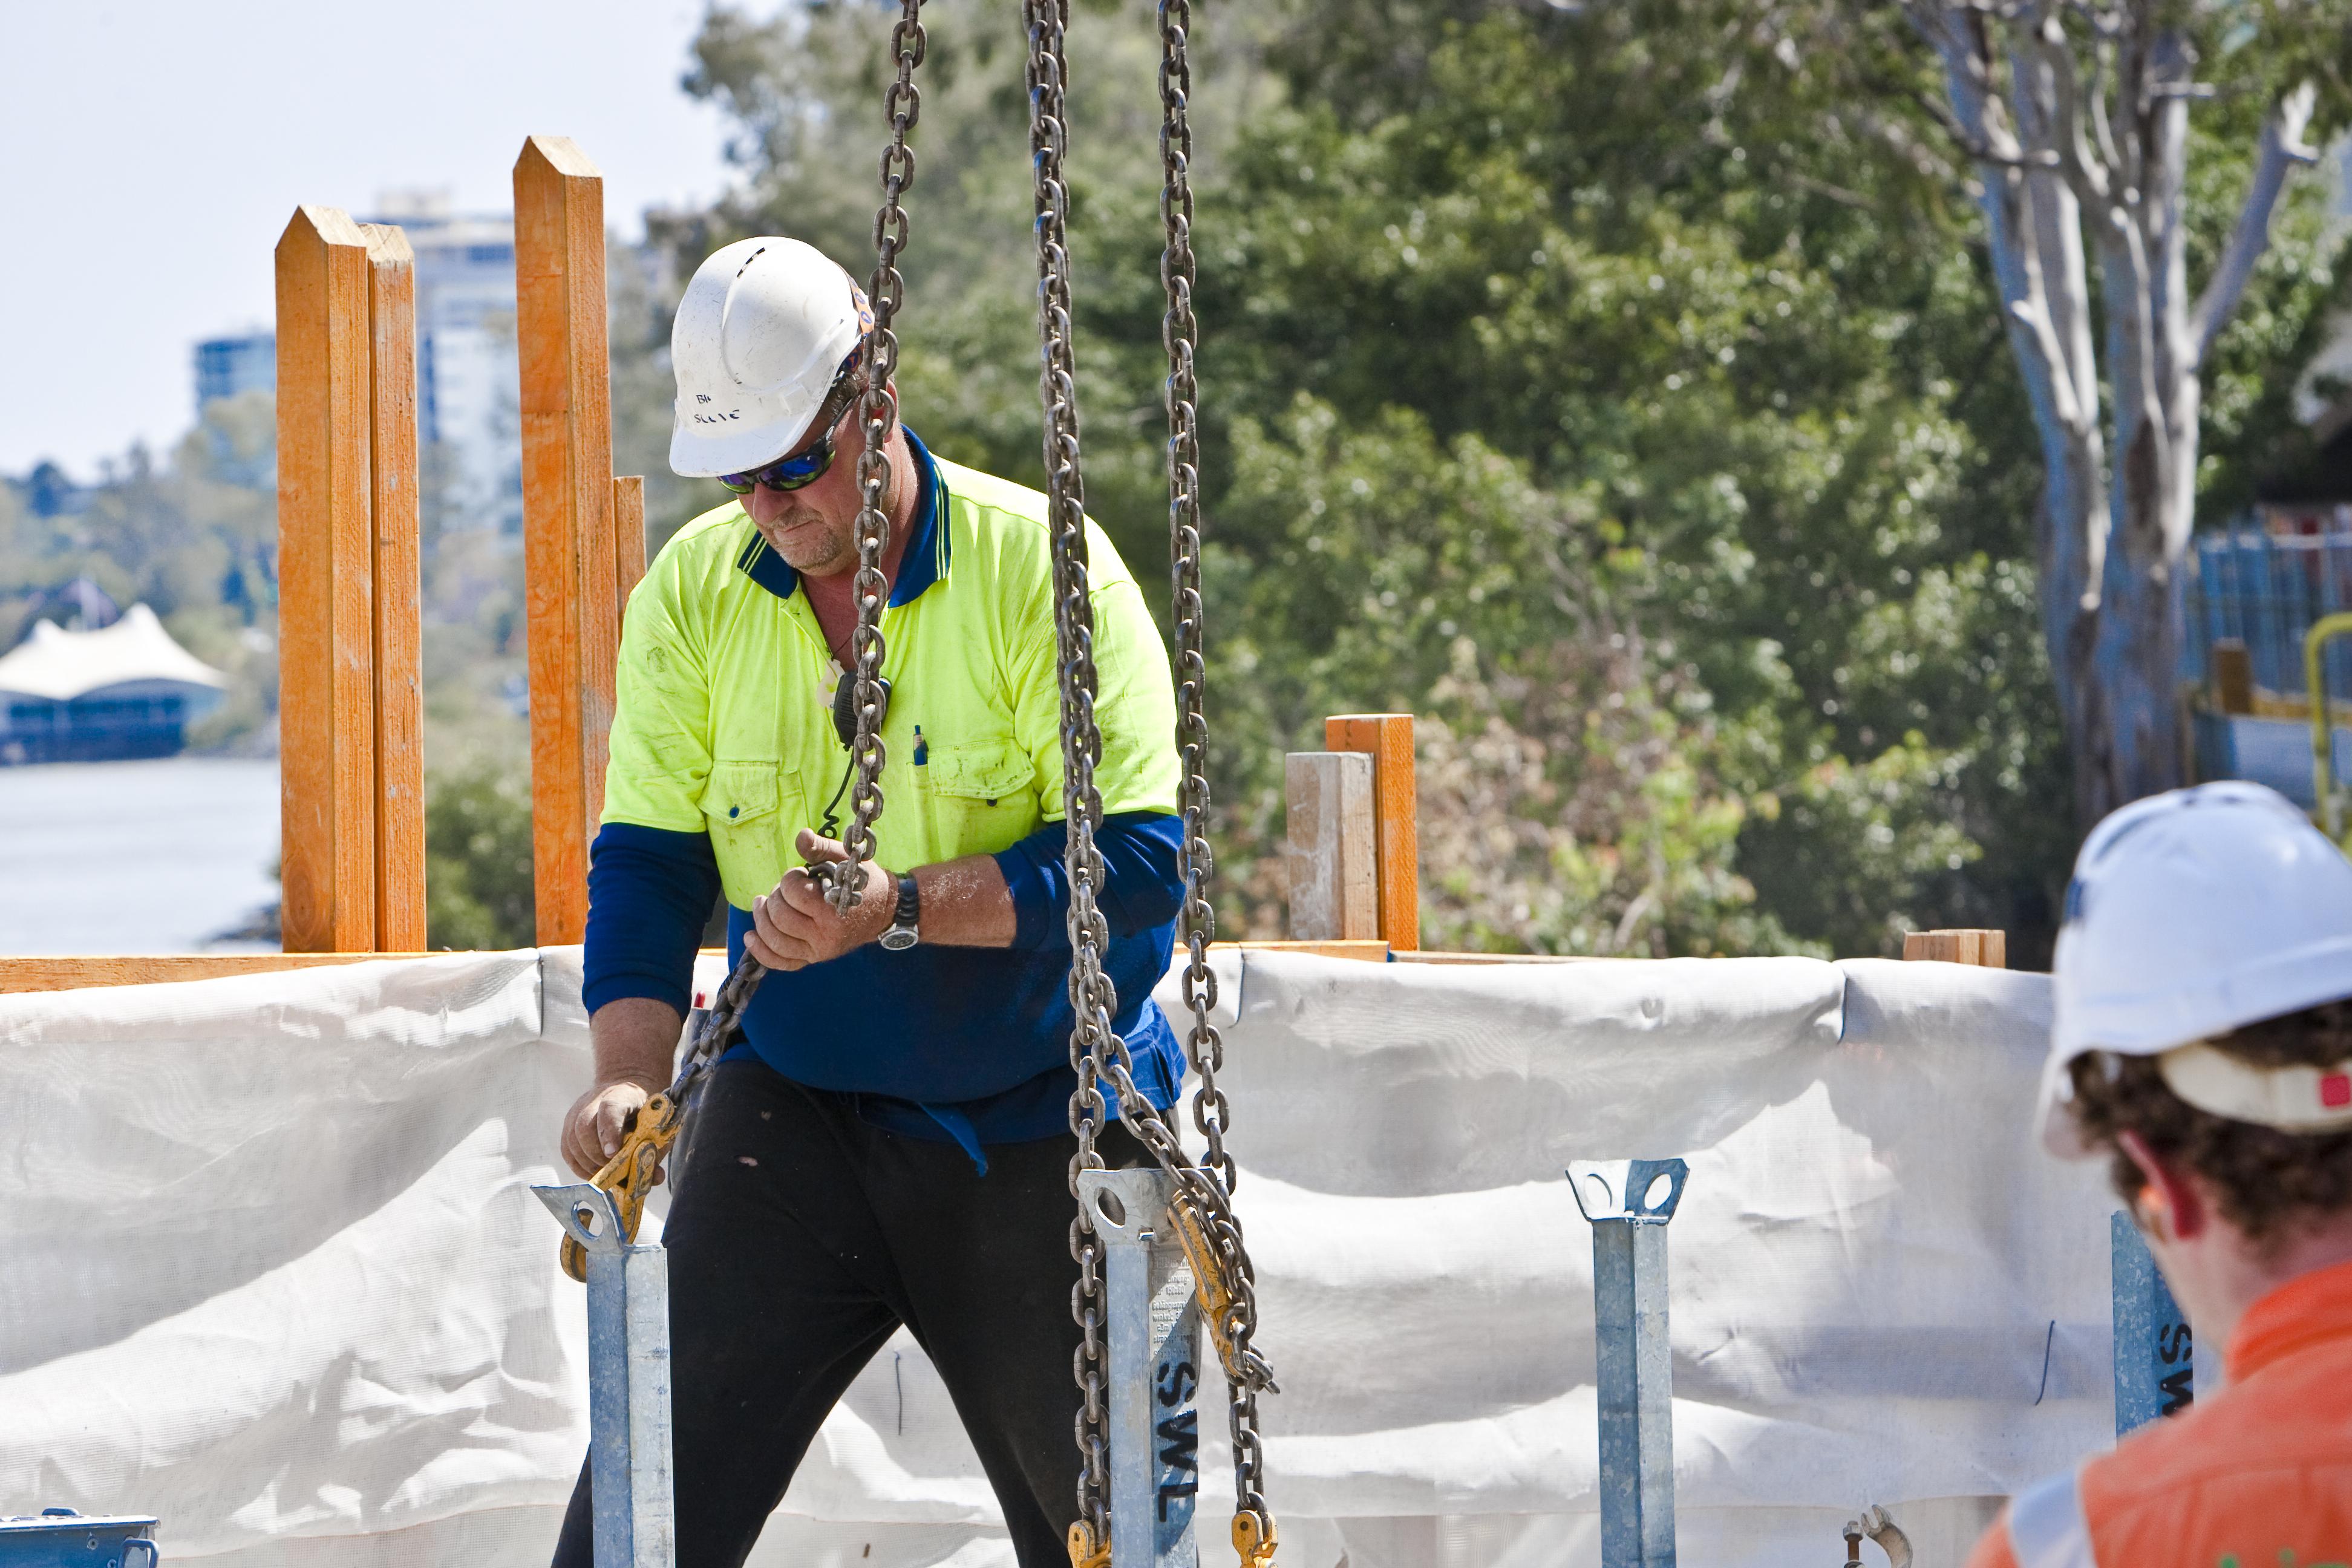 file go between bridge construction workers 5159662865 jpg file go between bridge construction workers 5159662865 jpg